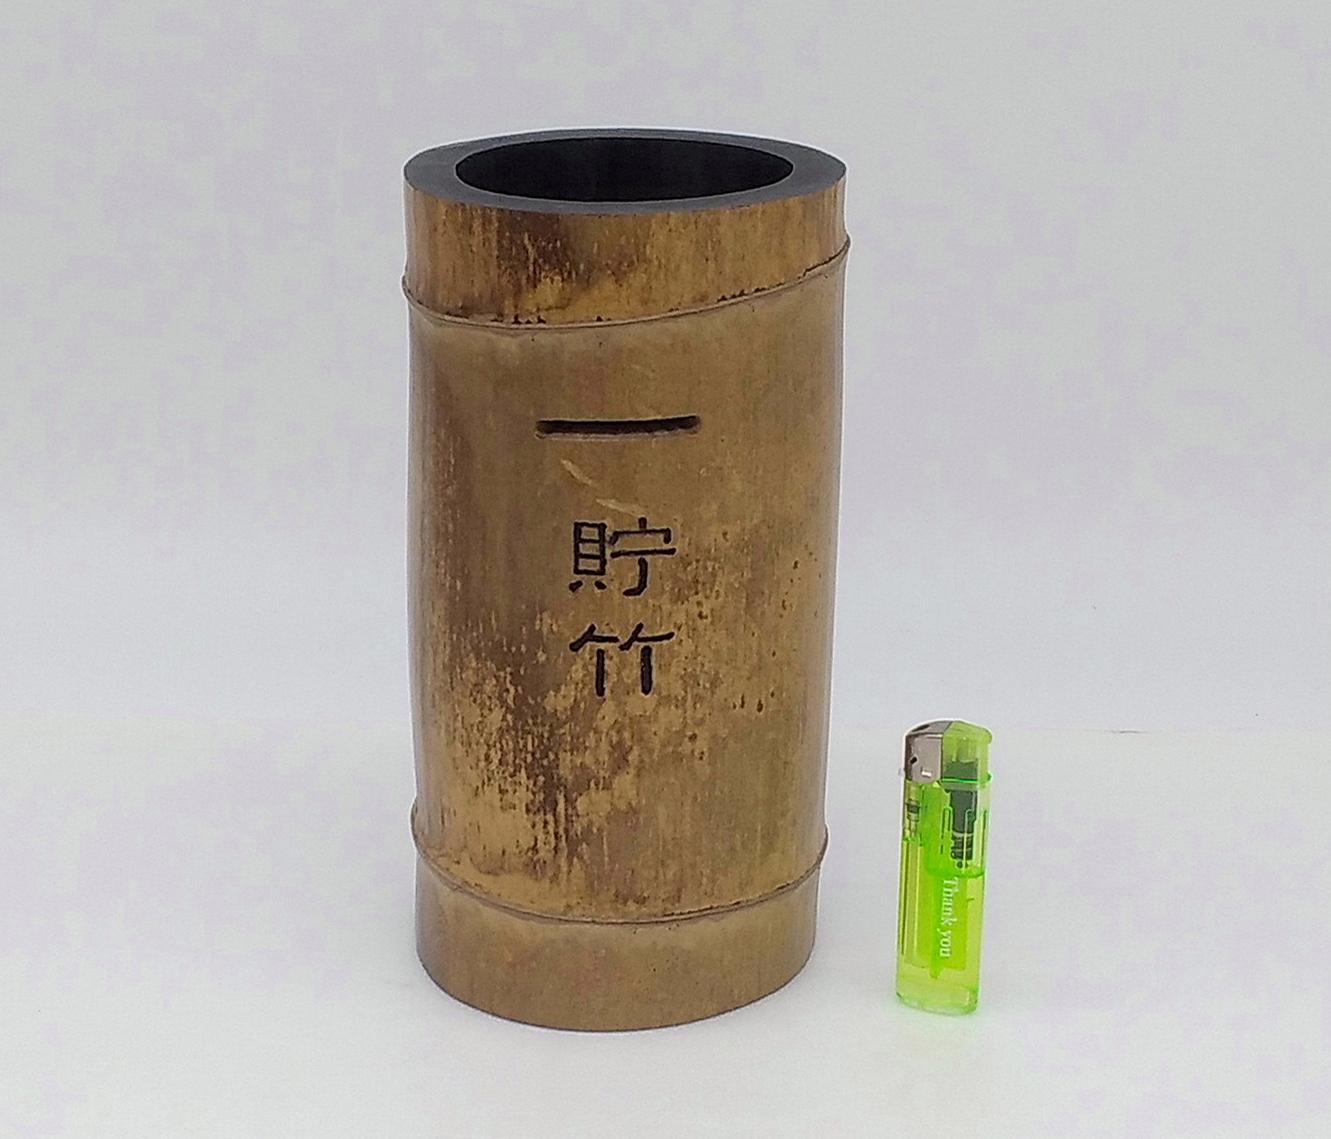 2021年やってみっか第31号「貯竹」の名前を彫ってみた